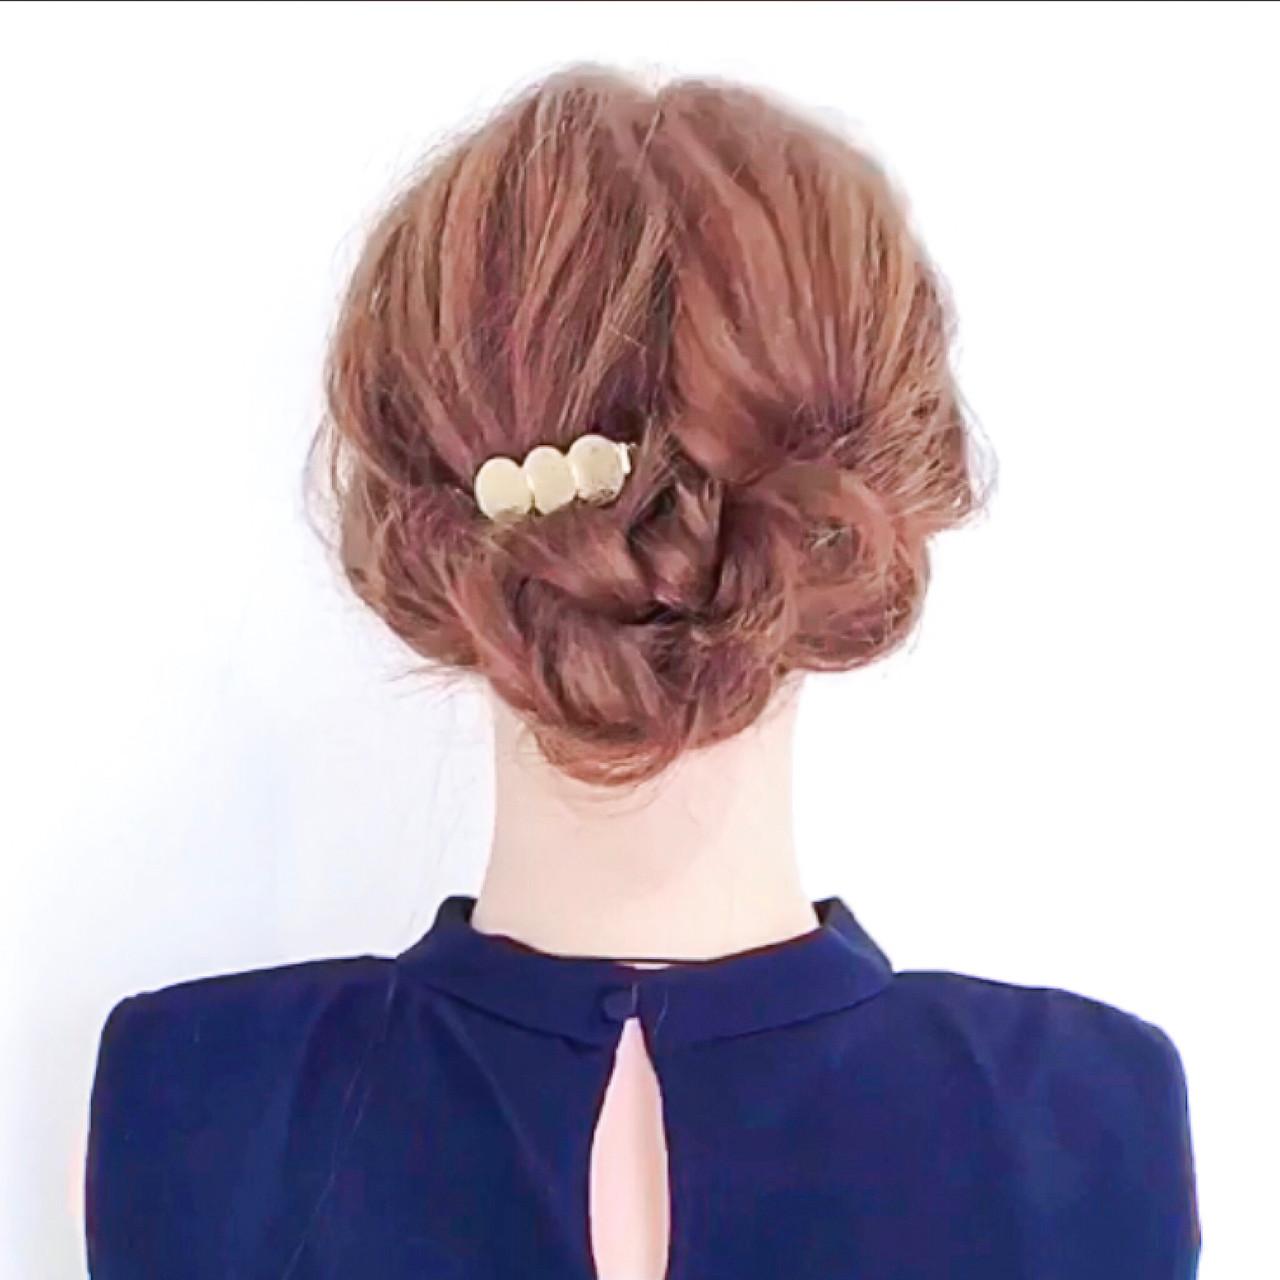 フェミニン アップスタイル 結婚式 簡単ヘアアレンジ ヘアスタイルや髪型の写真・画像